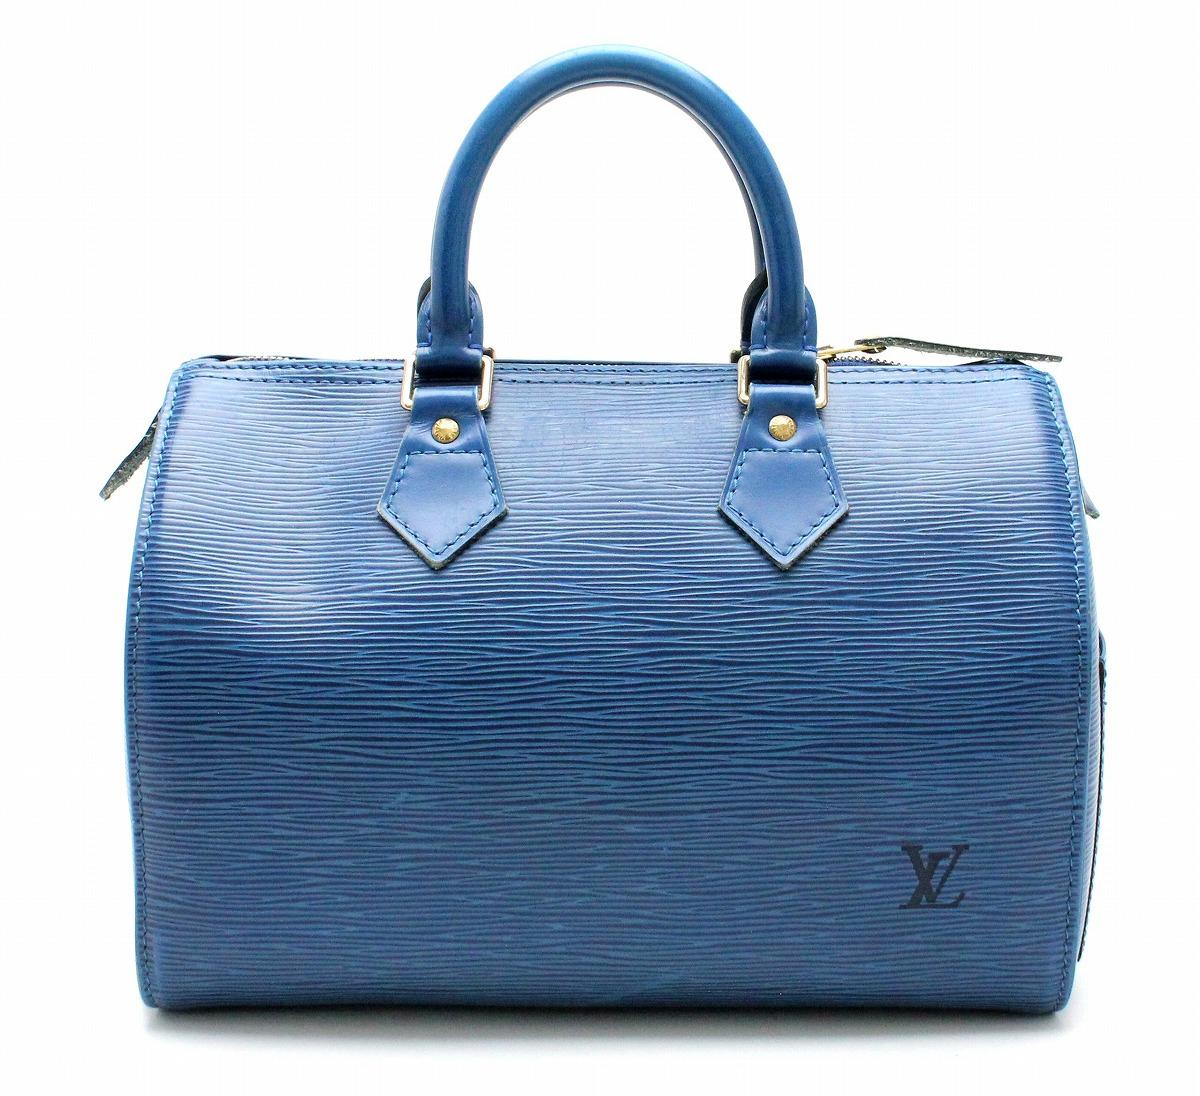 【バッグ】LOUIS VUITTON ルイ ヴィトン エピ スピーディ25 ハンドバッグ ミニボストンバッグ レザー トレドブルー 青 M43015 【中古】【k】